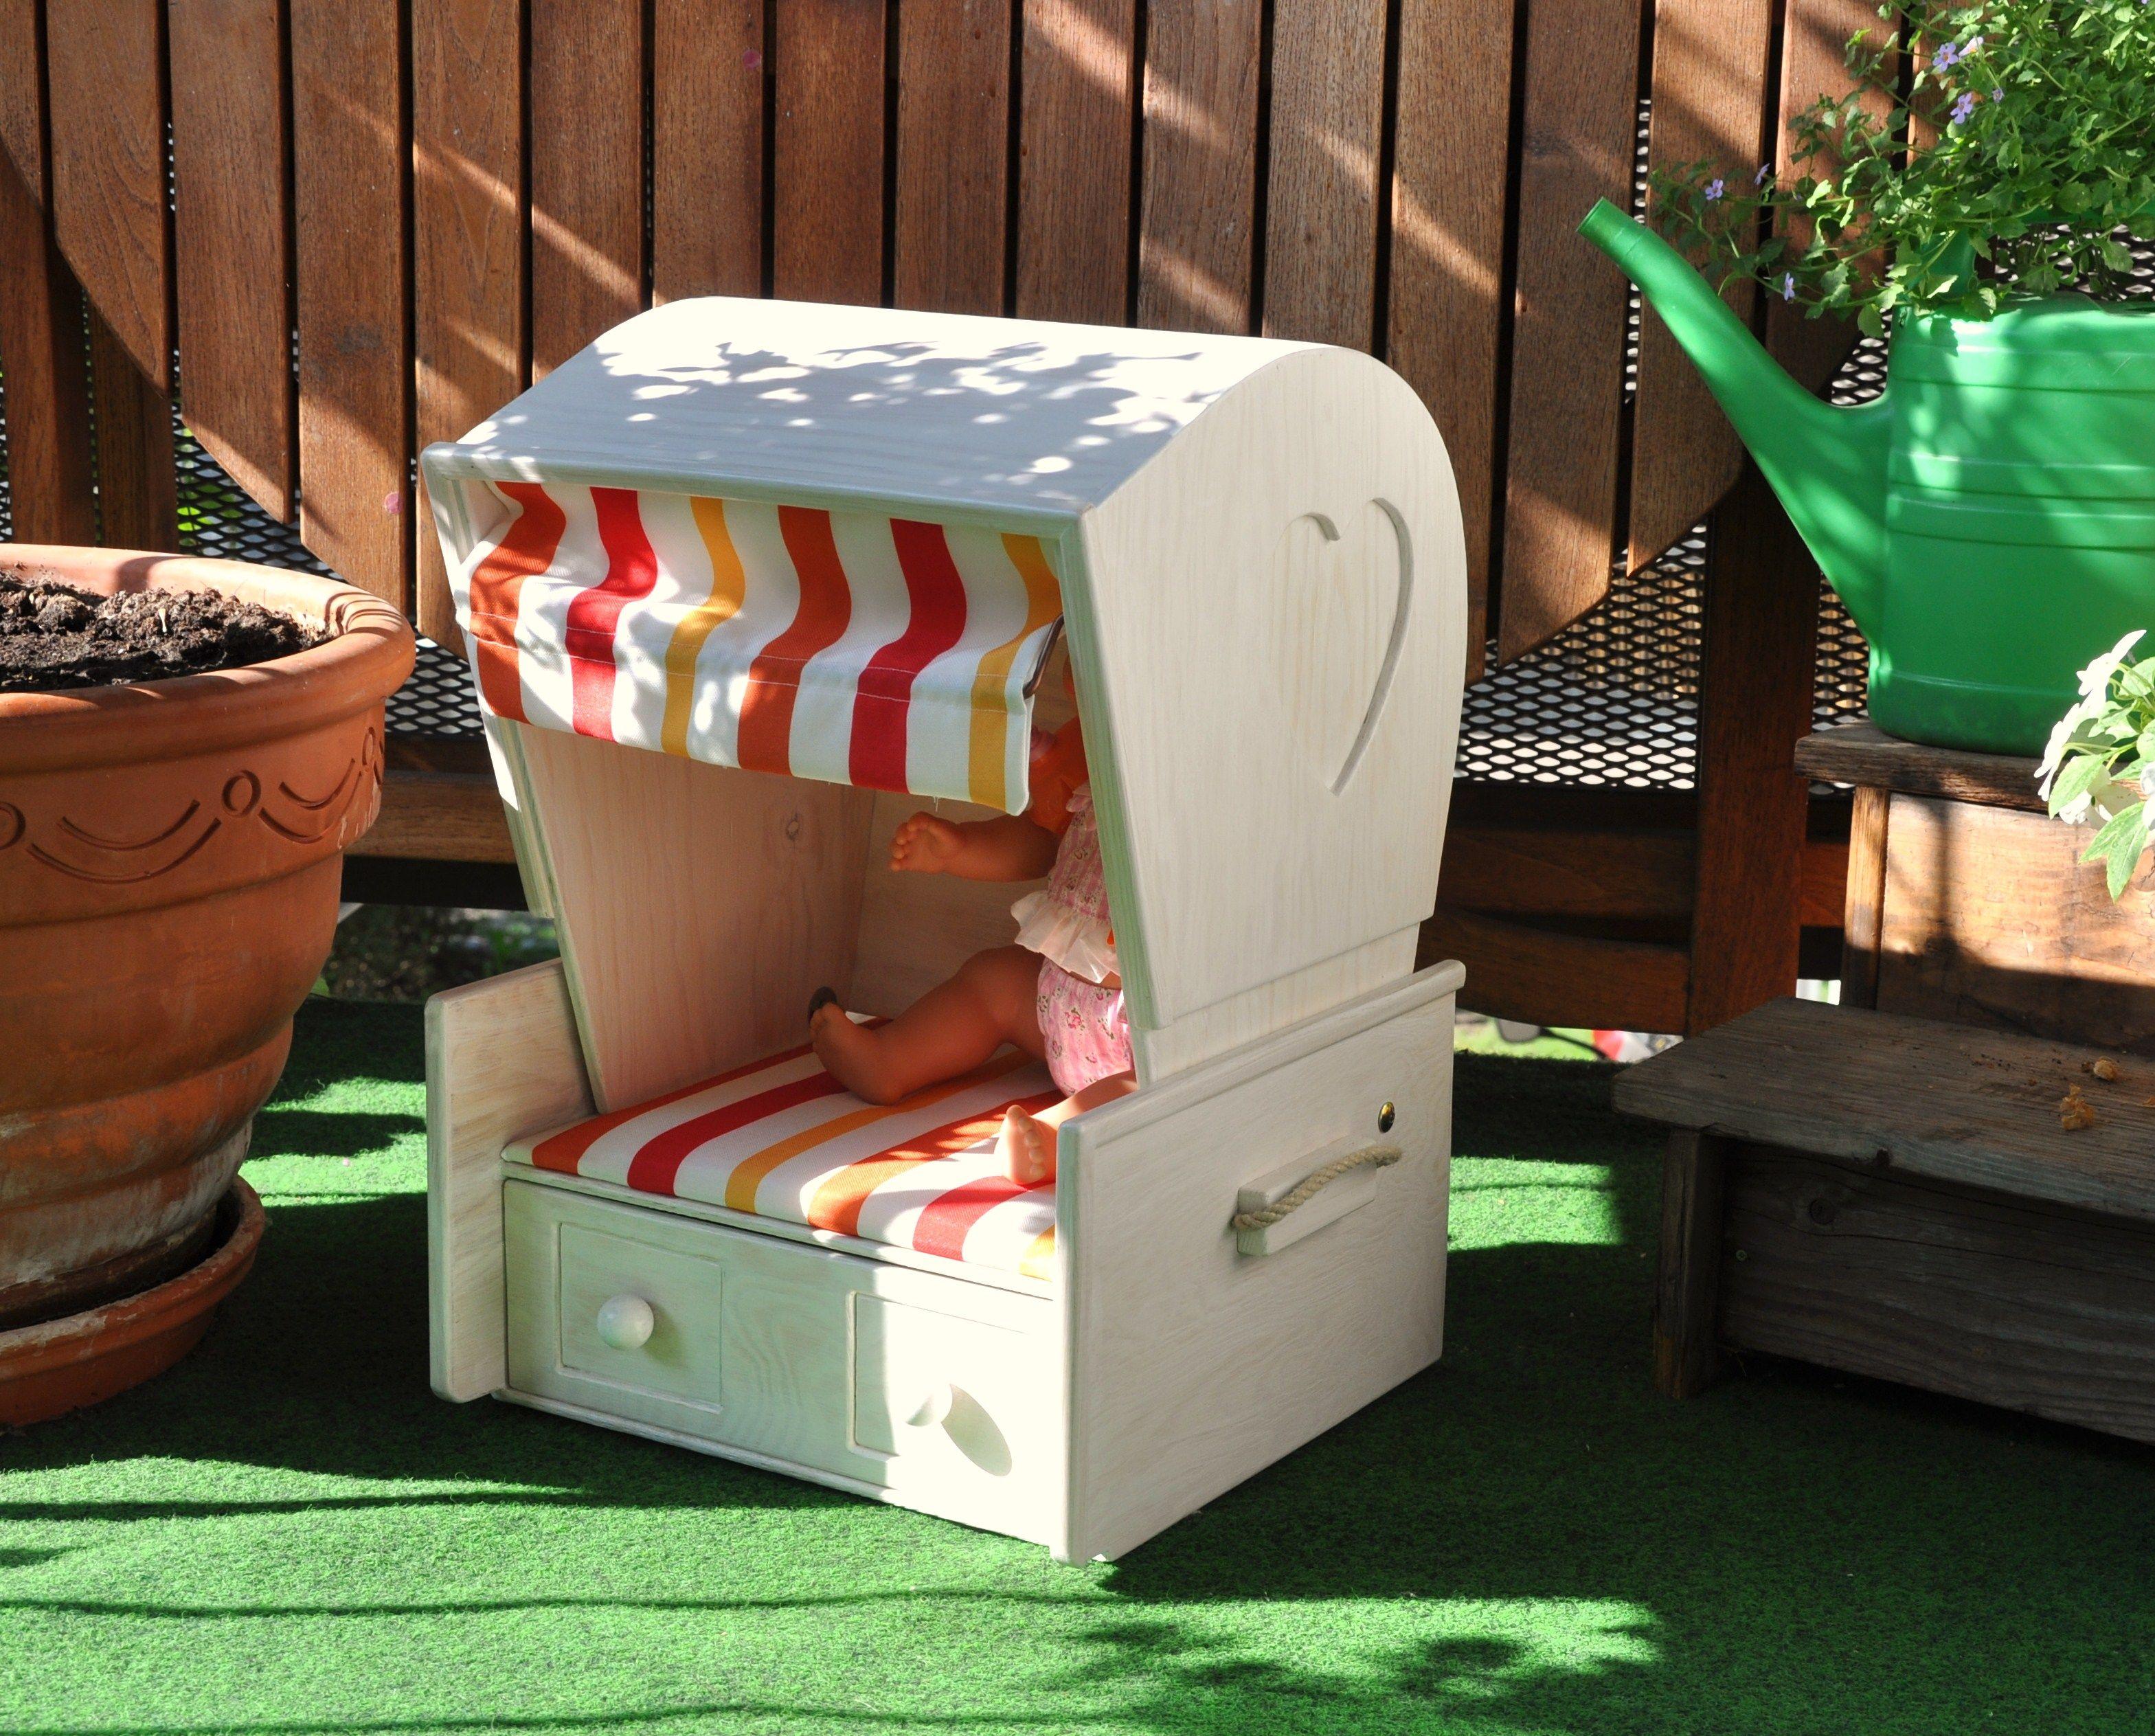 strandkorb f r mein m uschen bauanleitung zum selber bauen kinder holzspielsachen. Black Bedroom Furniture Sets. Home Design Ideas